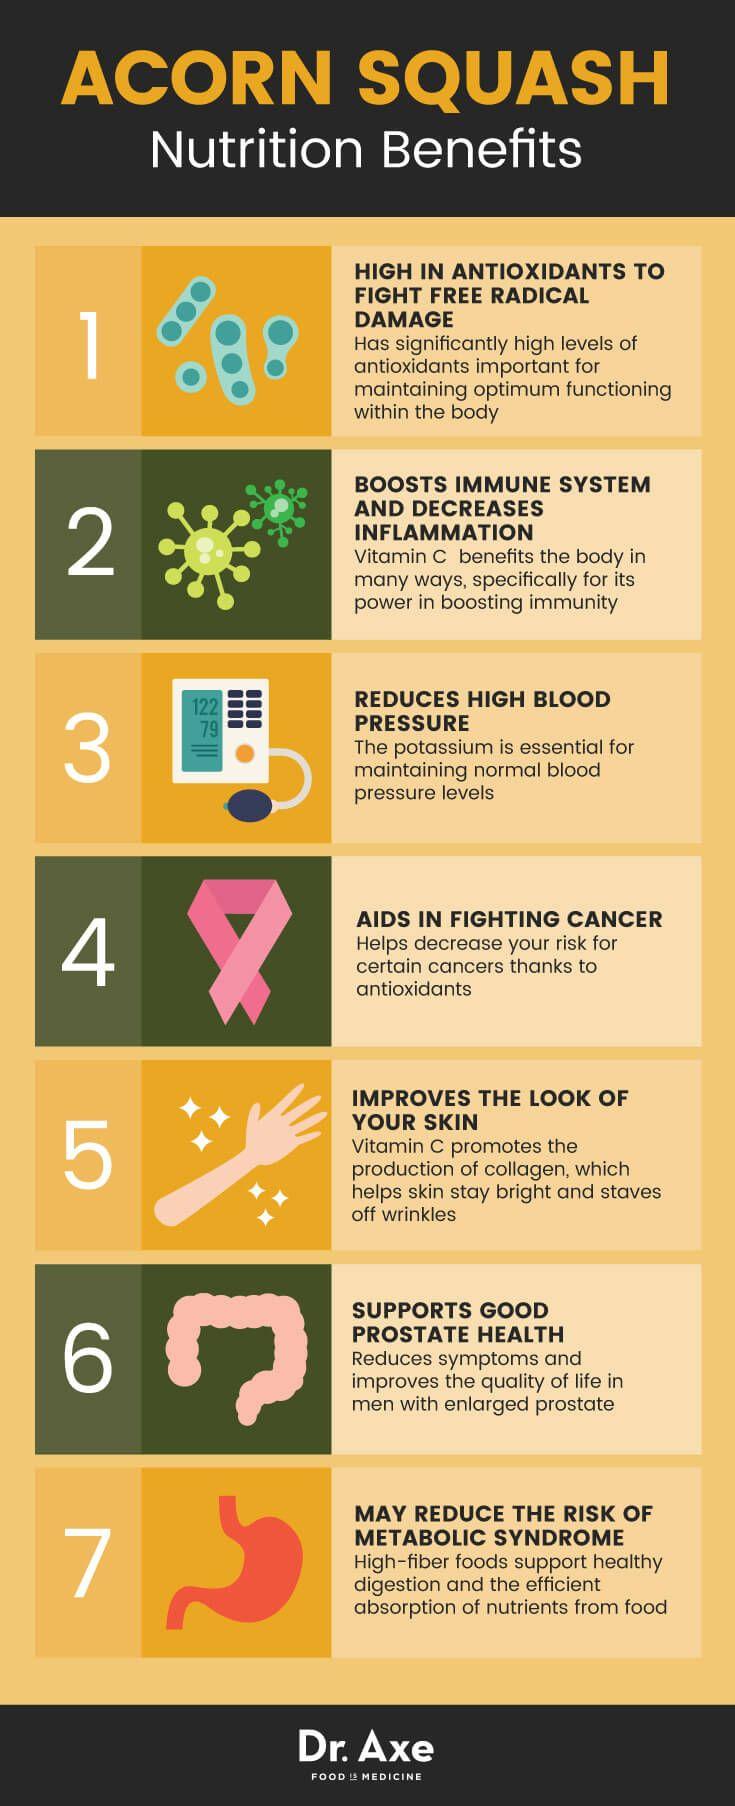 Acorn squash nutrition benefits - Dr. Axe